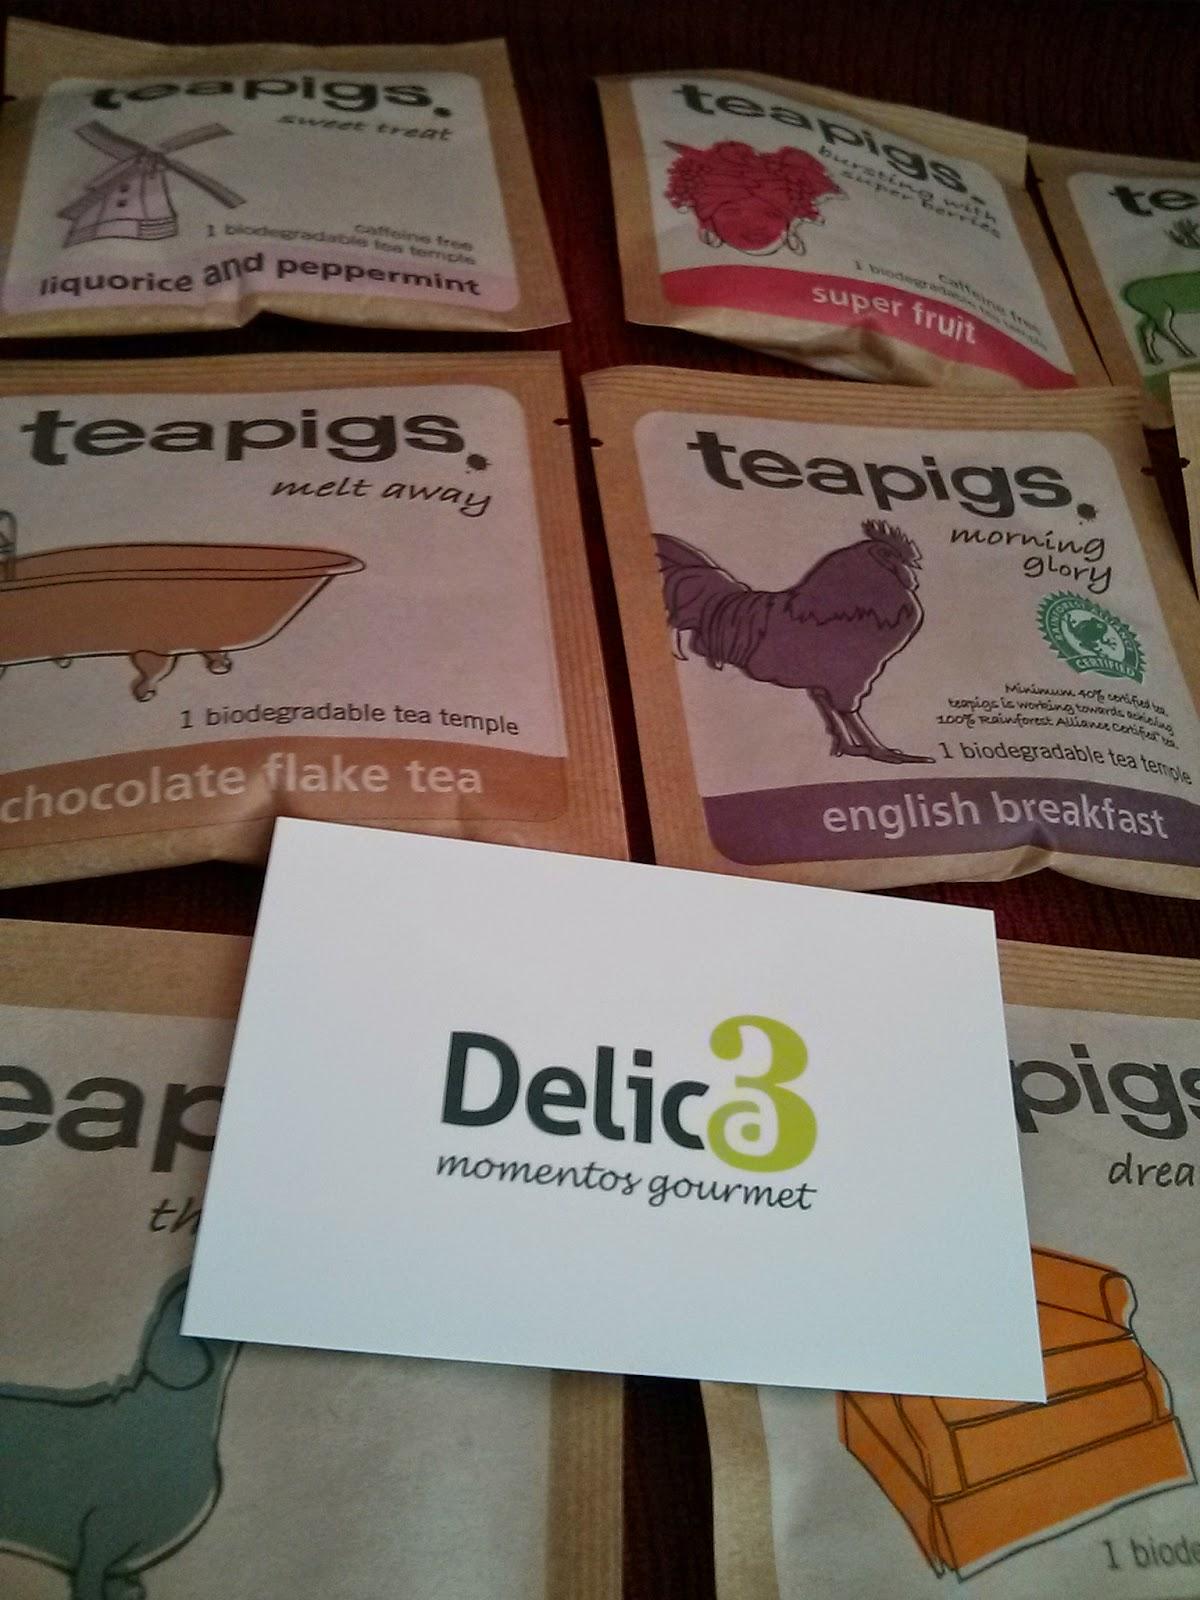 teapigs Delica3